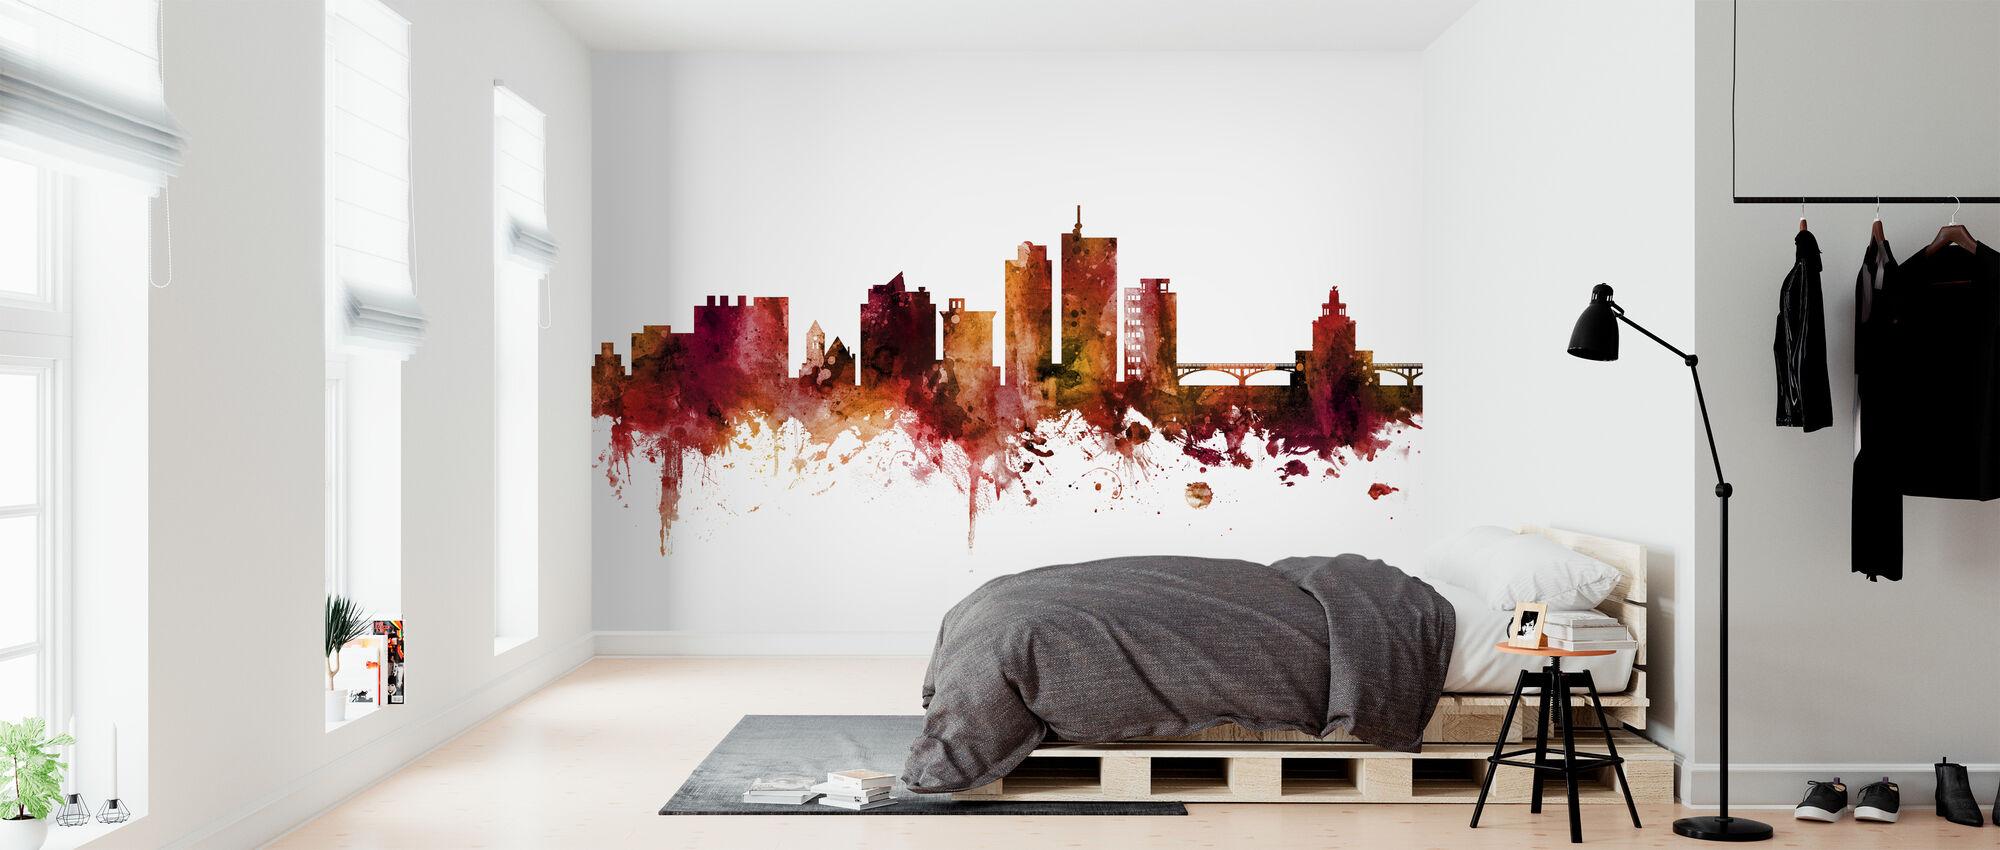 Cedar Rapids Iowa Skyline - Wallpaper - Bedroom